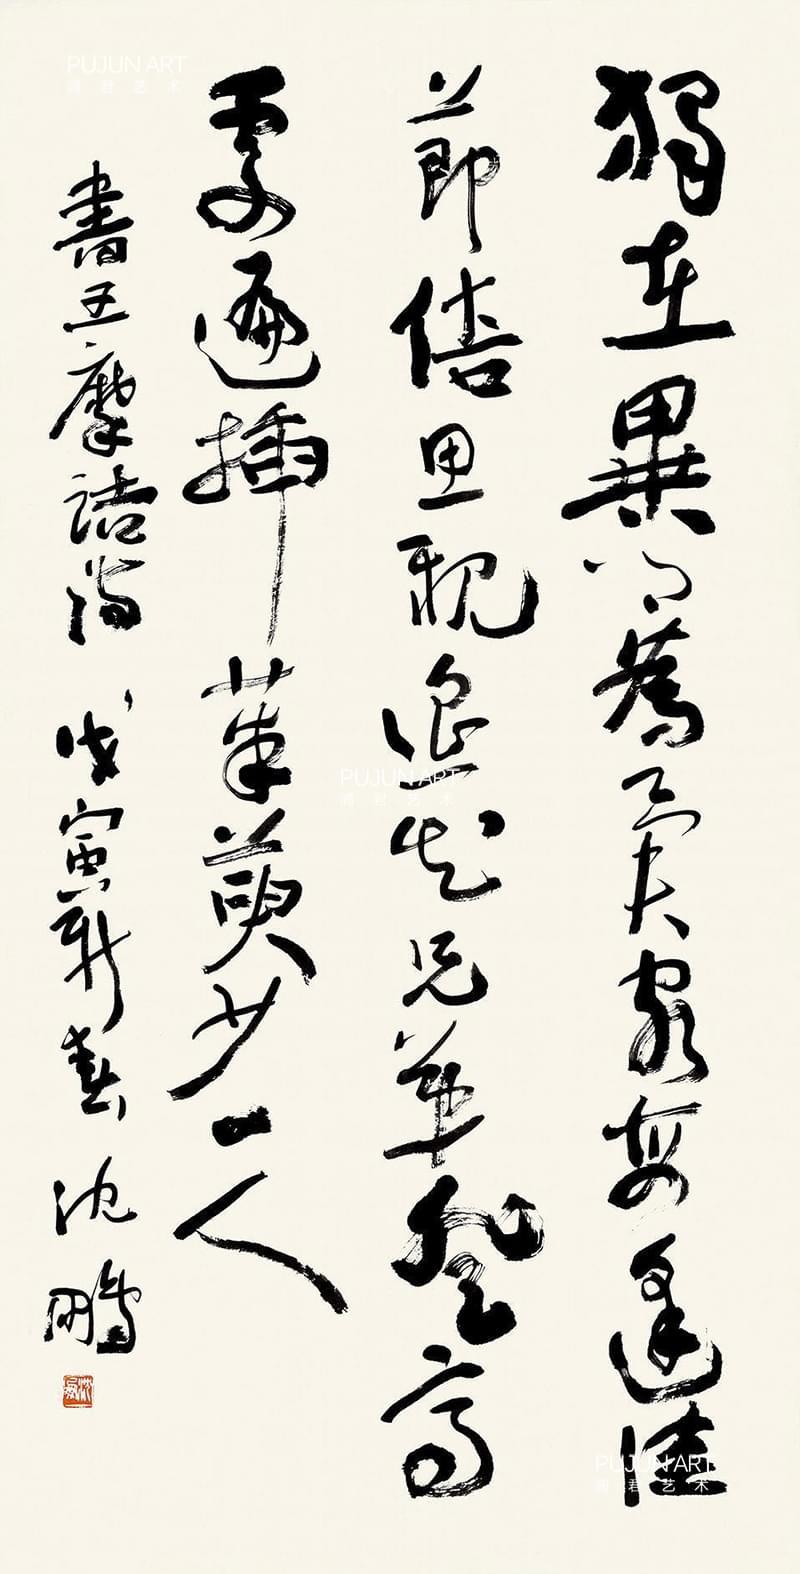 沈鹏1998年作 行书